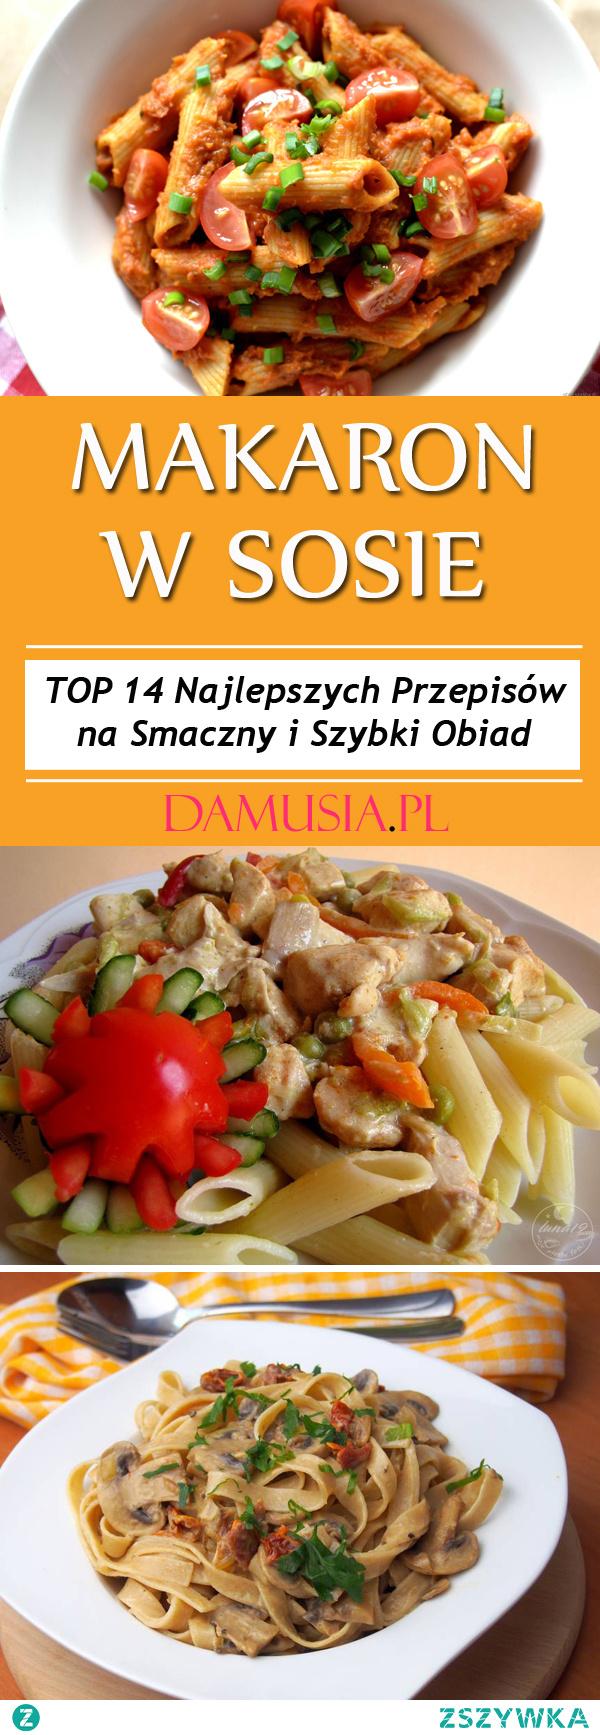 Makaron w Sosie – TOP 14 Najlepszych Przepisów na Smaczny i Szybki Obiad